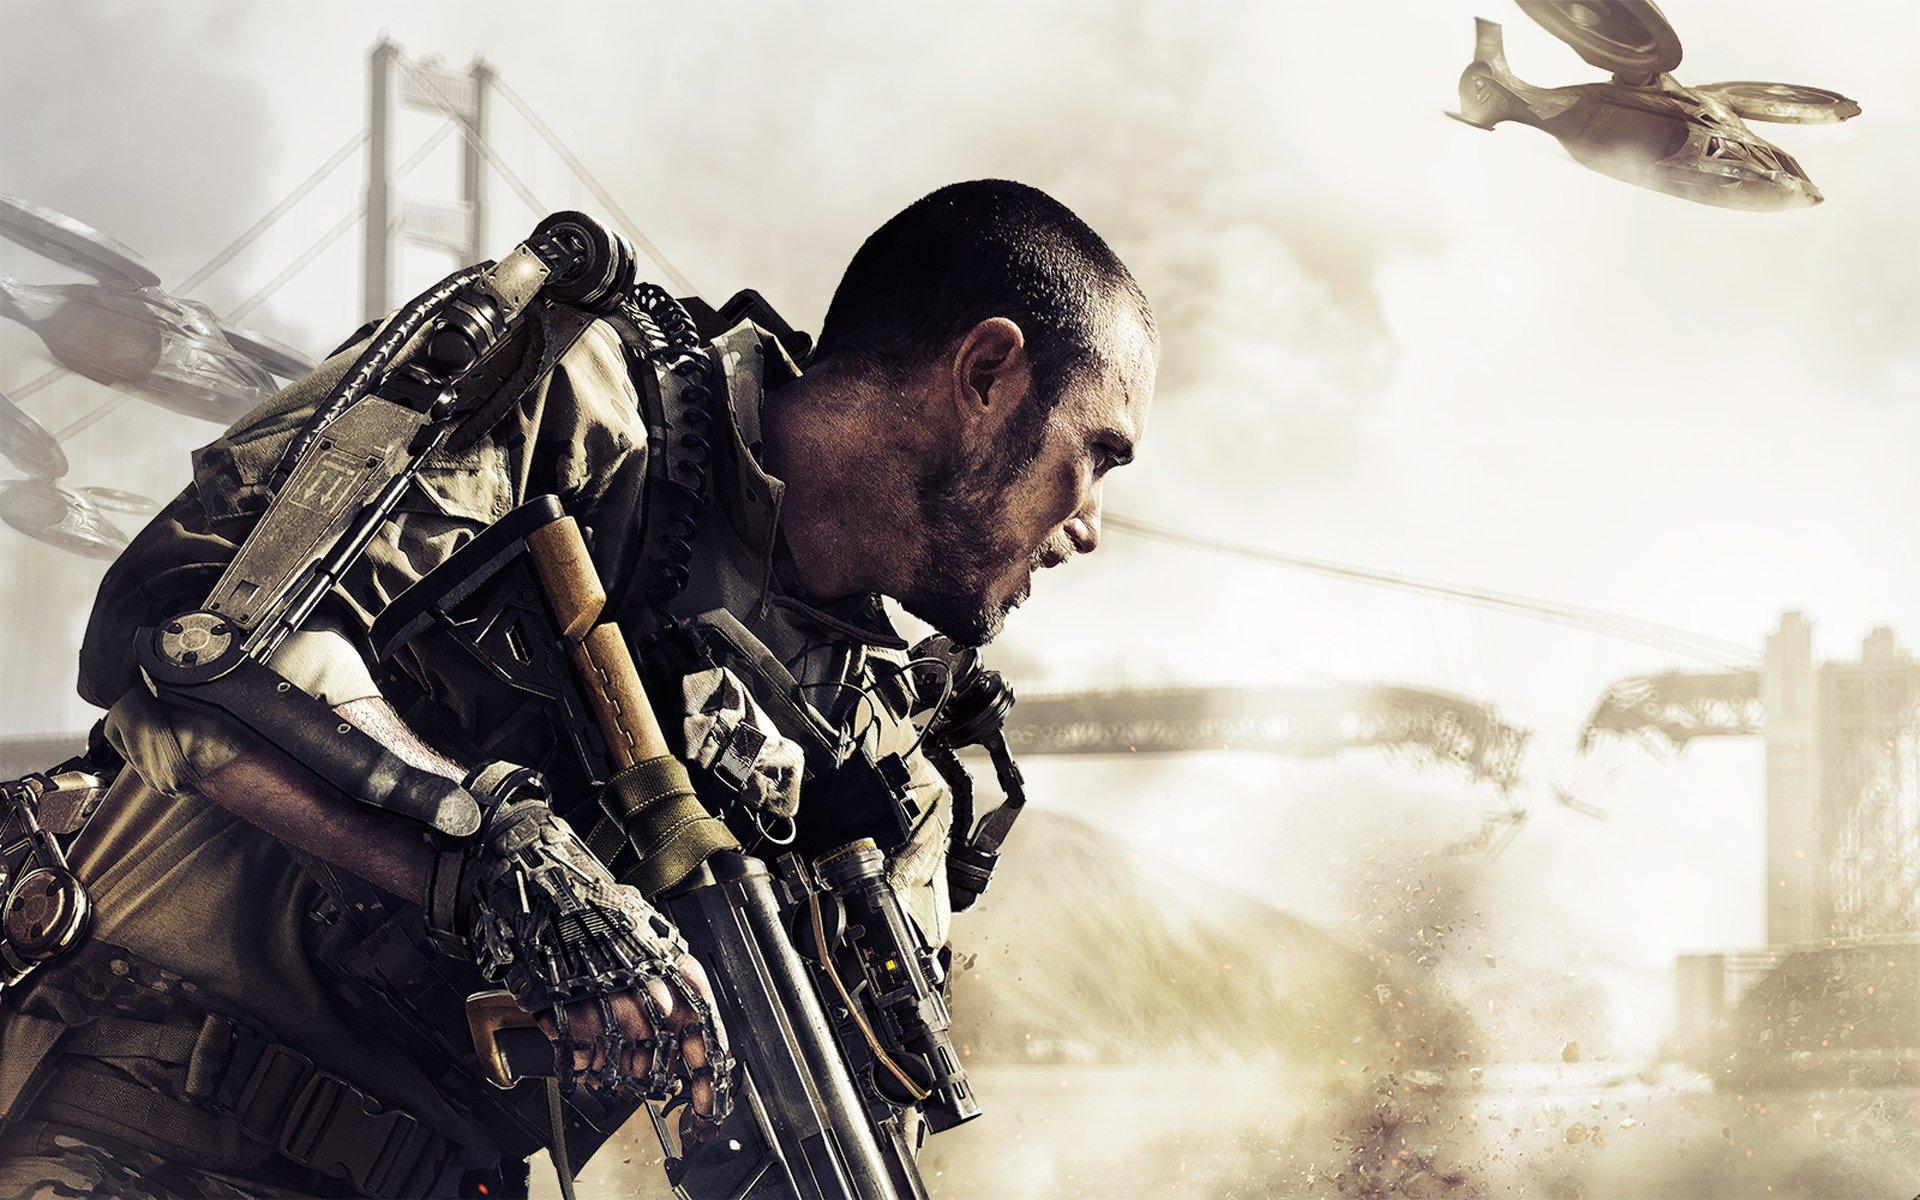 Стрим прохождения одиночной компании CoD:Adwanced Warfare. - Изображение 1